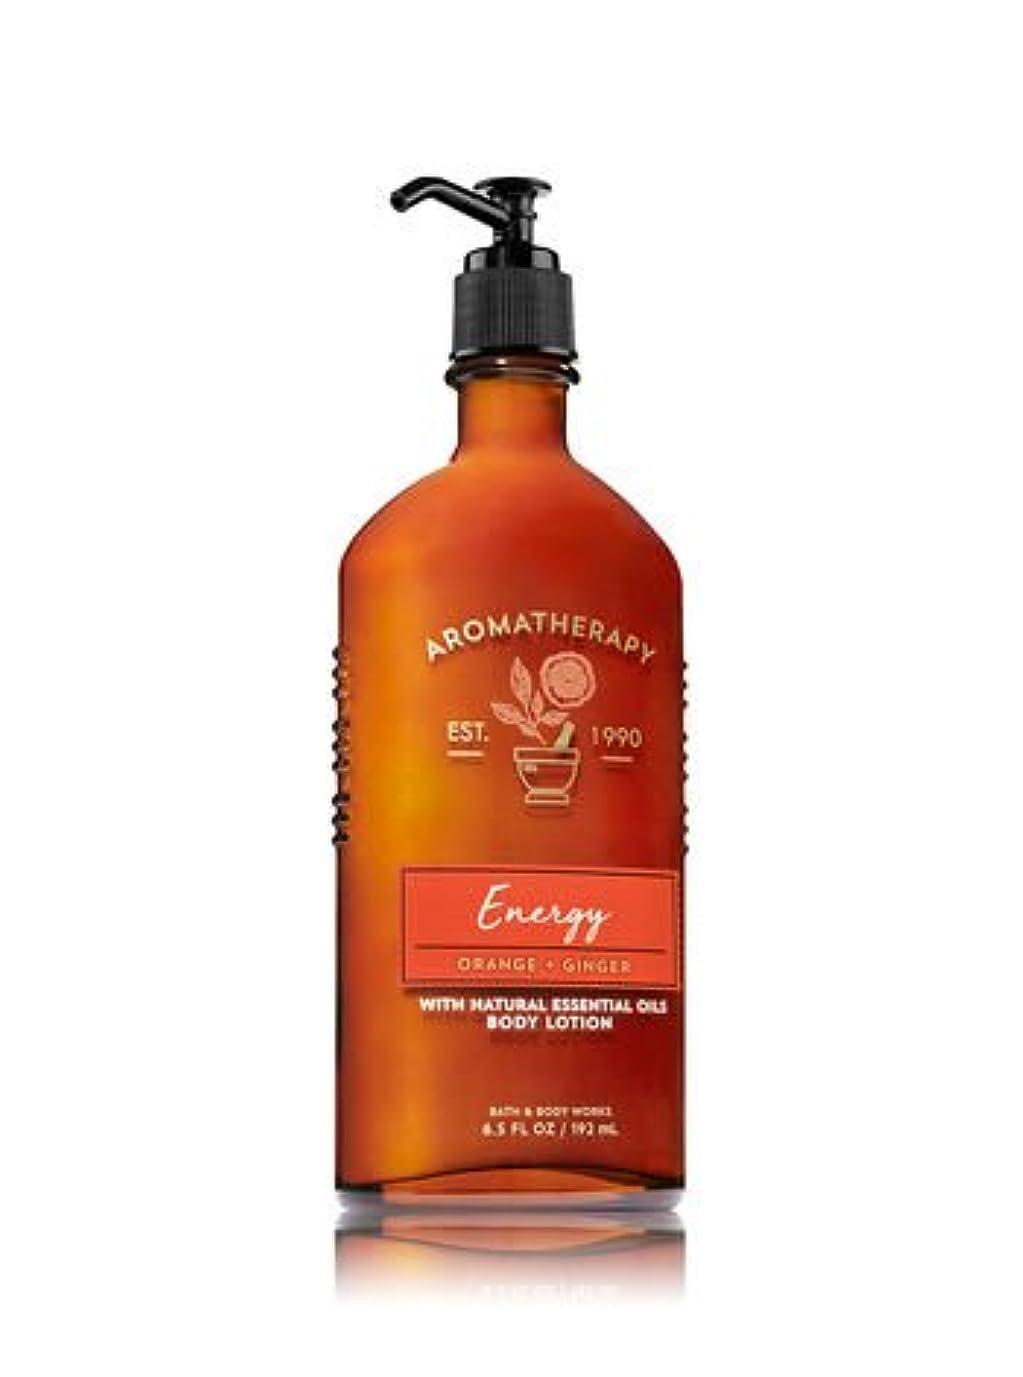 放棄家事エアコンバス&ボディワークス アロマセラピー エナジー オレンジジンジャー ボディローション Aromatherapy Energy Orange Ginger Body Lotion【並行輸入品】